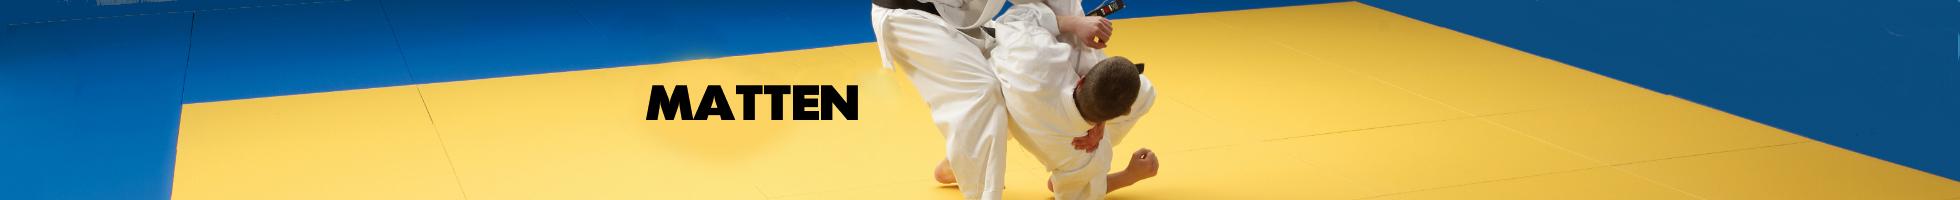 MMA matten